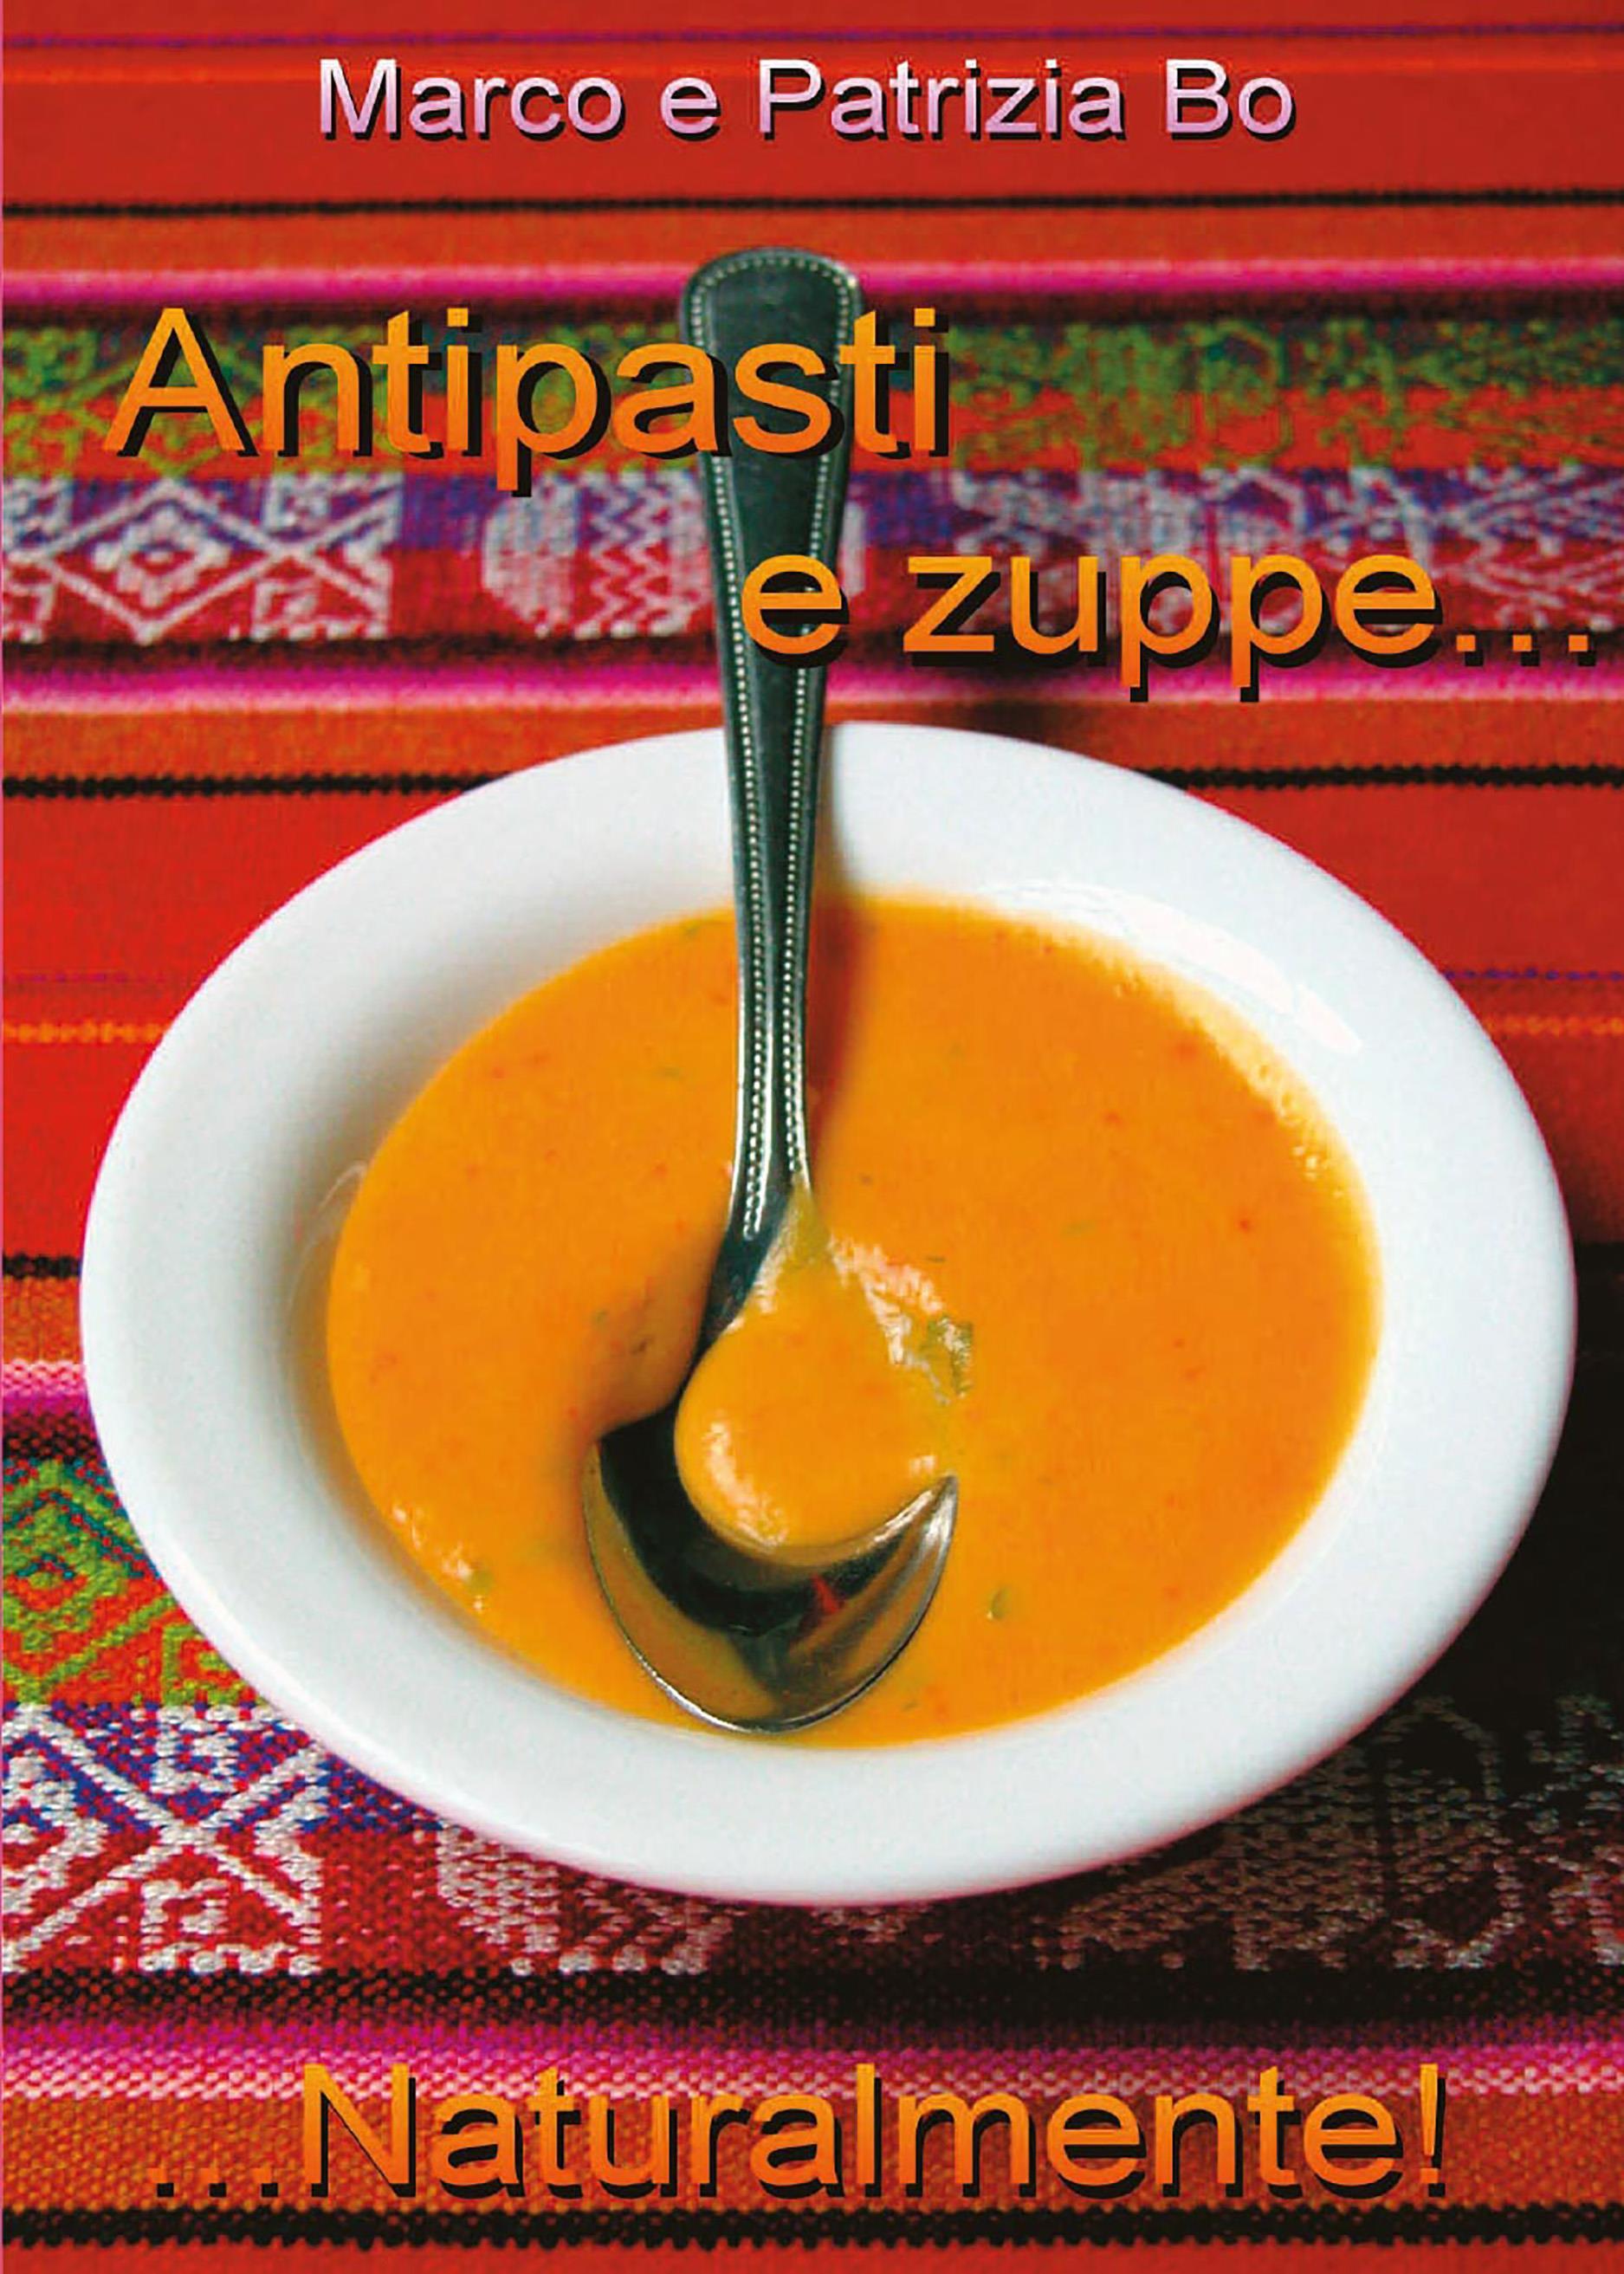 Antipasti & Zuppe... Naturalmente!